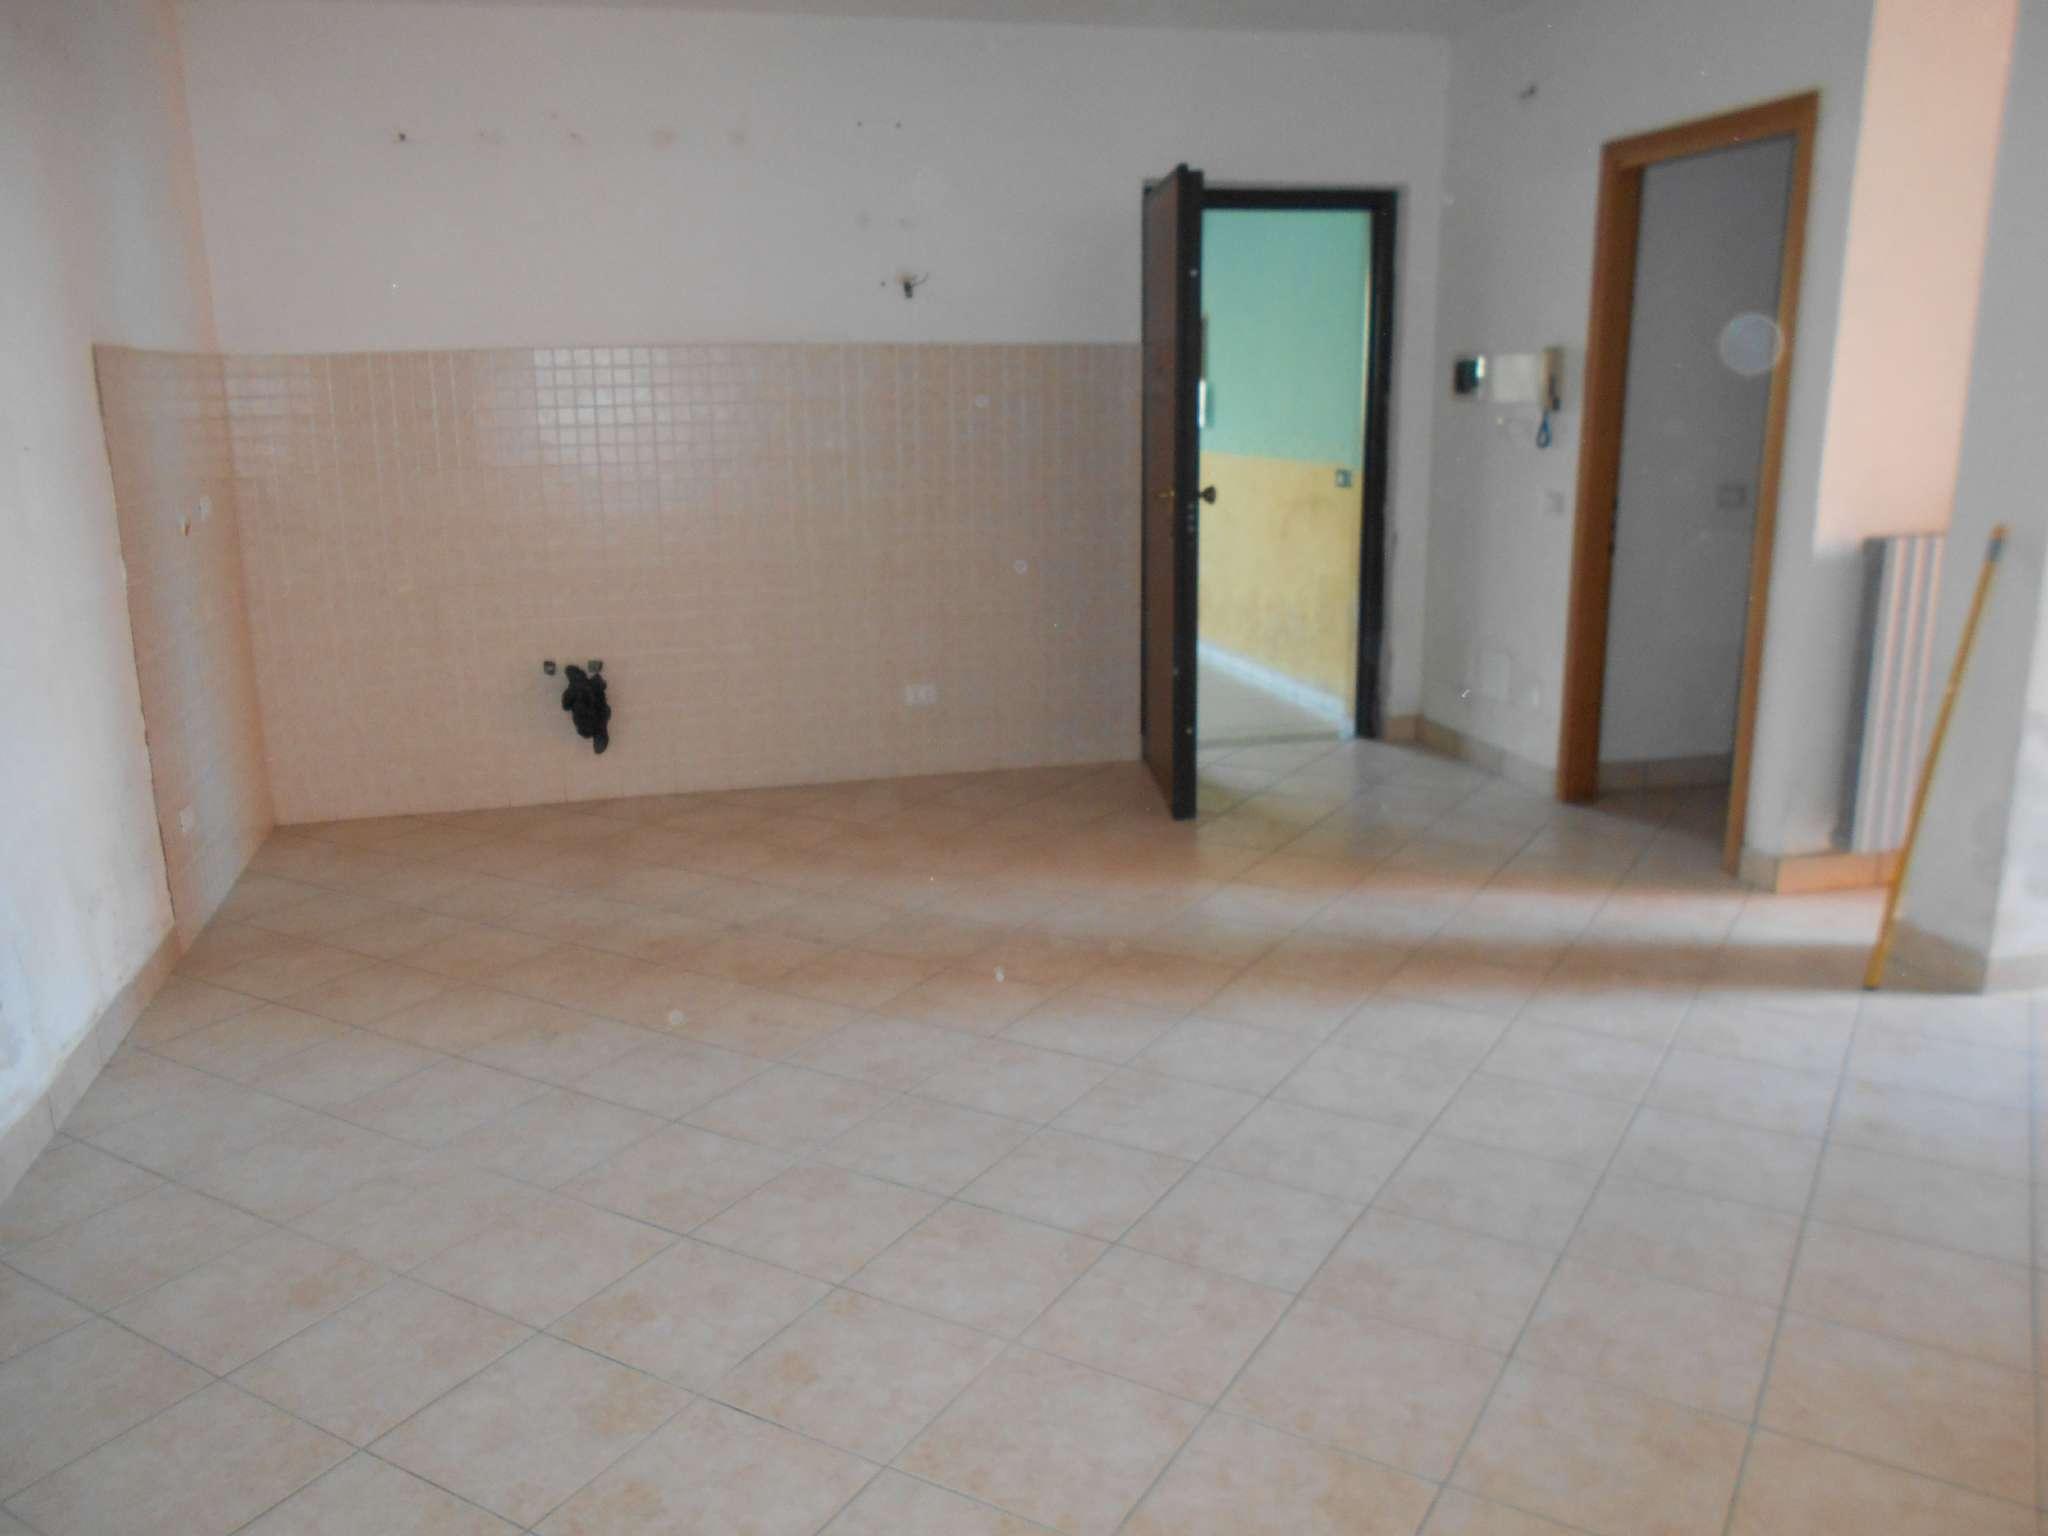 Appartamento in vendita a Villanterio, 3 locali, prezzo € 68.000 | CambioCasa.it